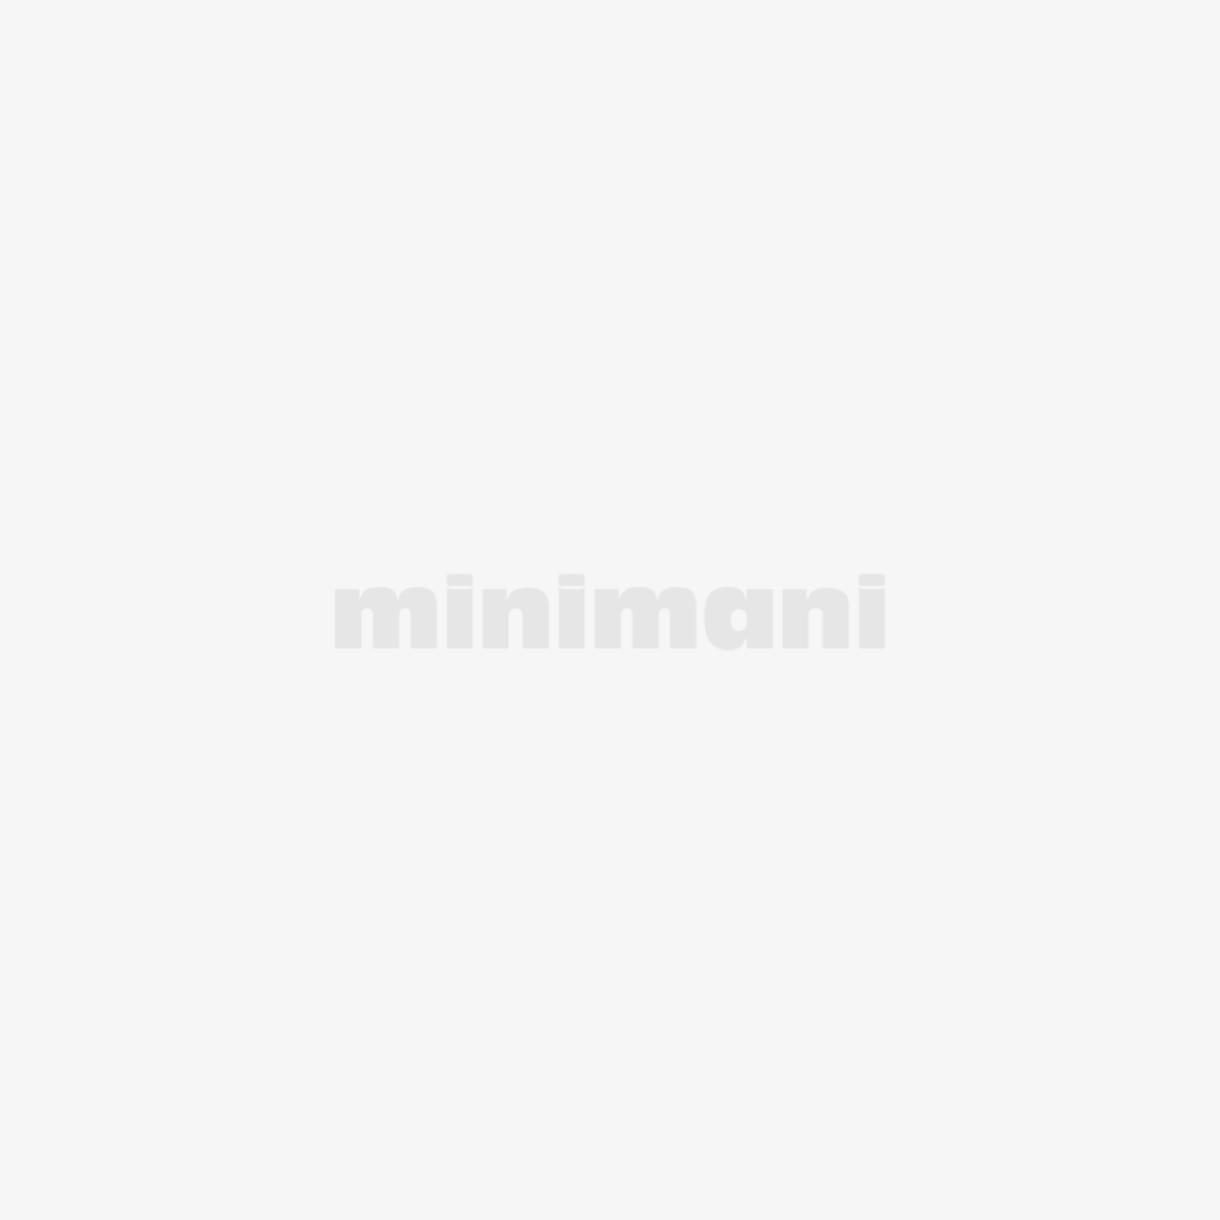 MUUMI MINIPURKIT 4 LAJ. DISPLAY